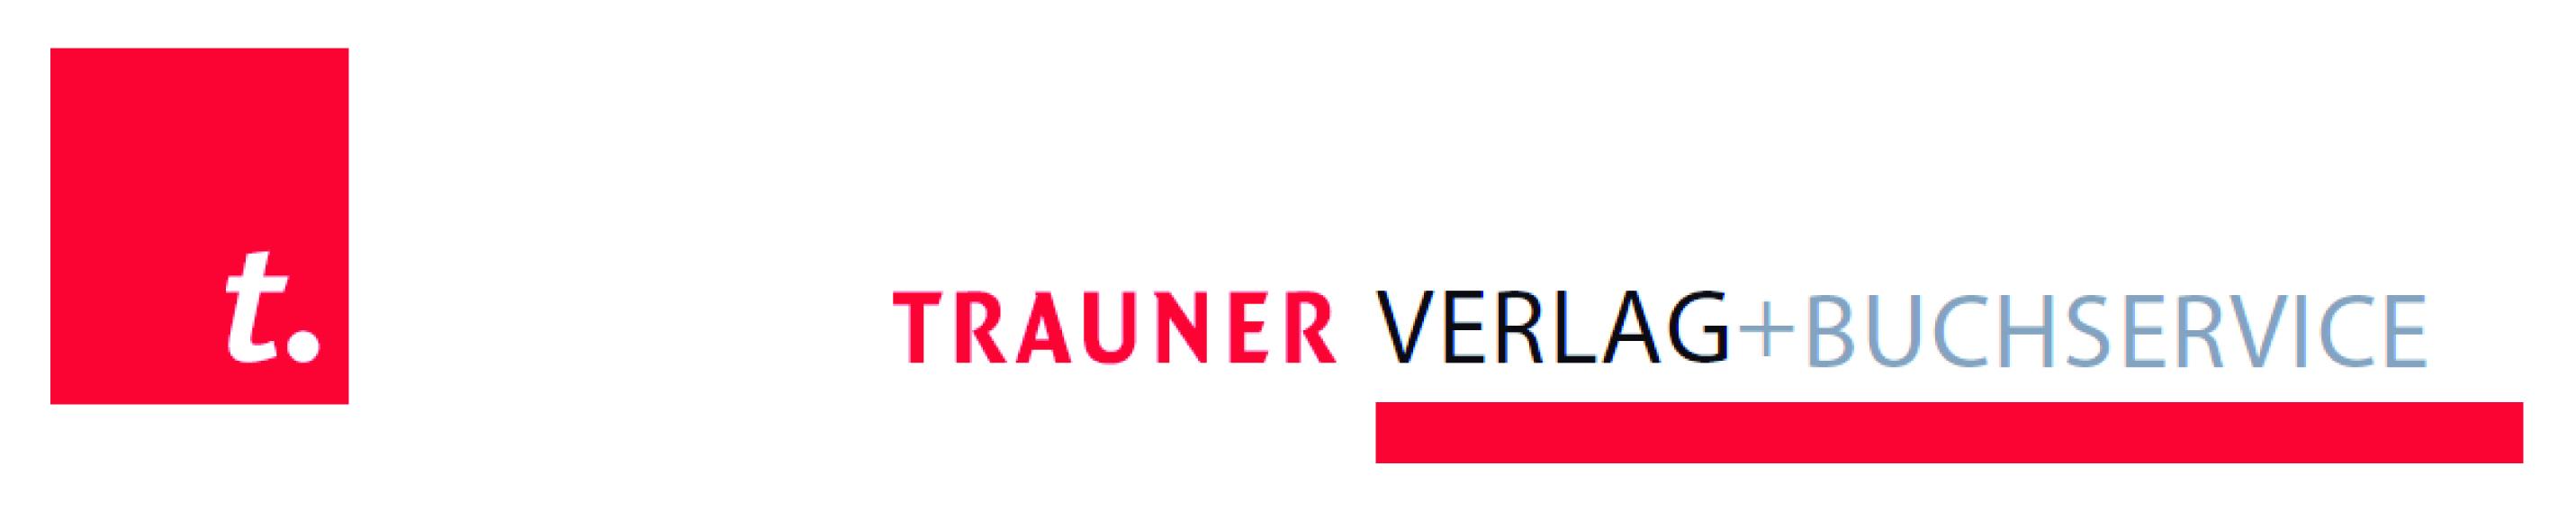 TRAUNER Verlag + Buchservice GmbH_logo